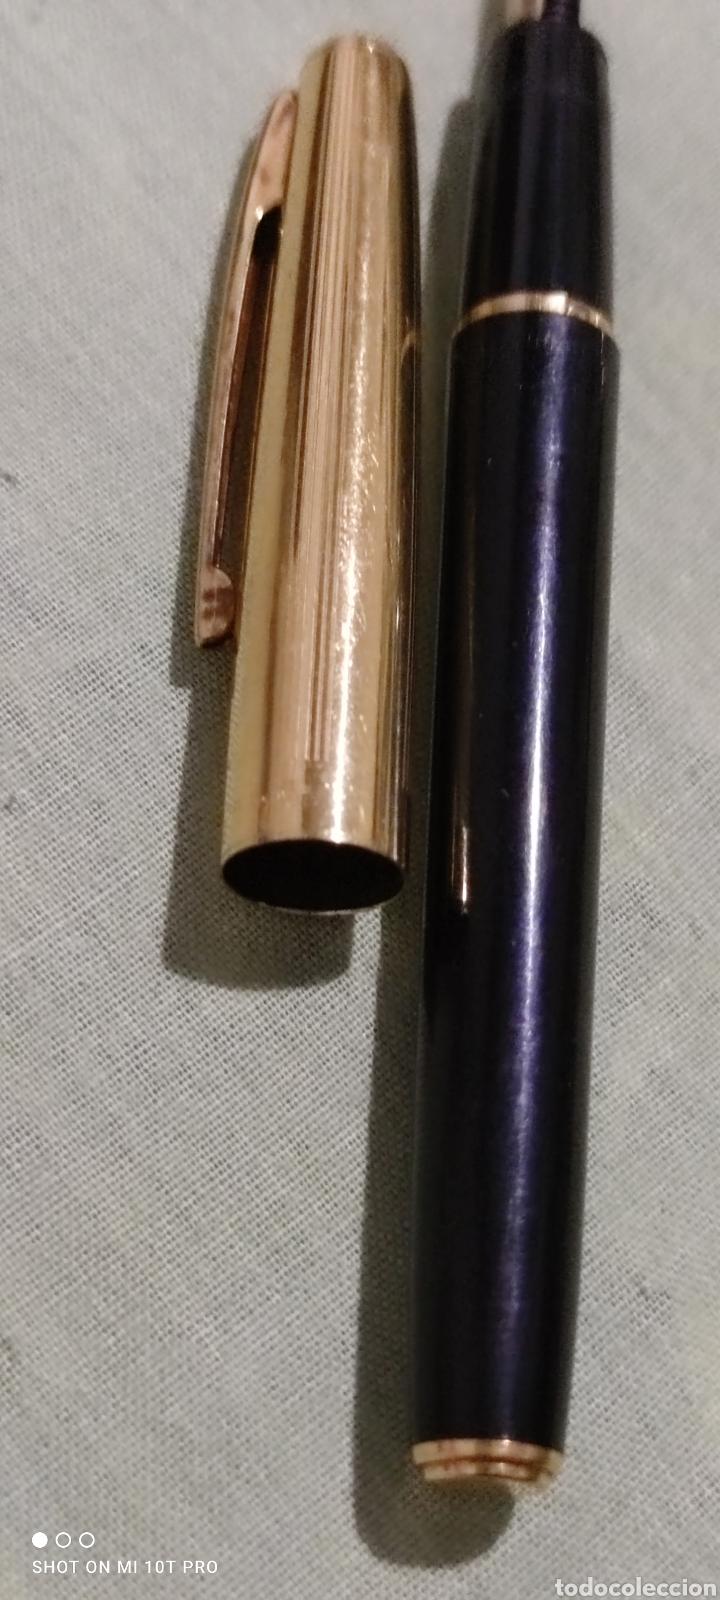 Plumas estilográficas antiguas: Pluma Waterman - Foto 6 - 293662468